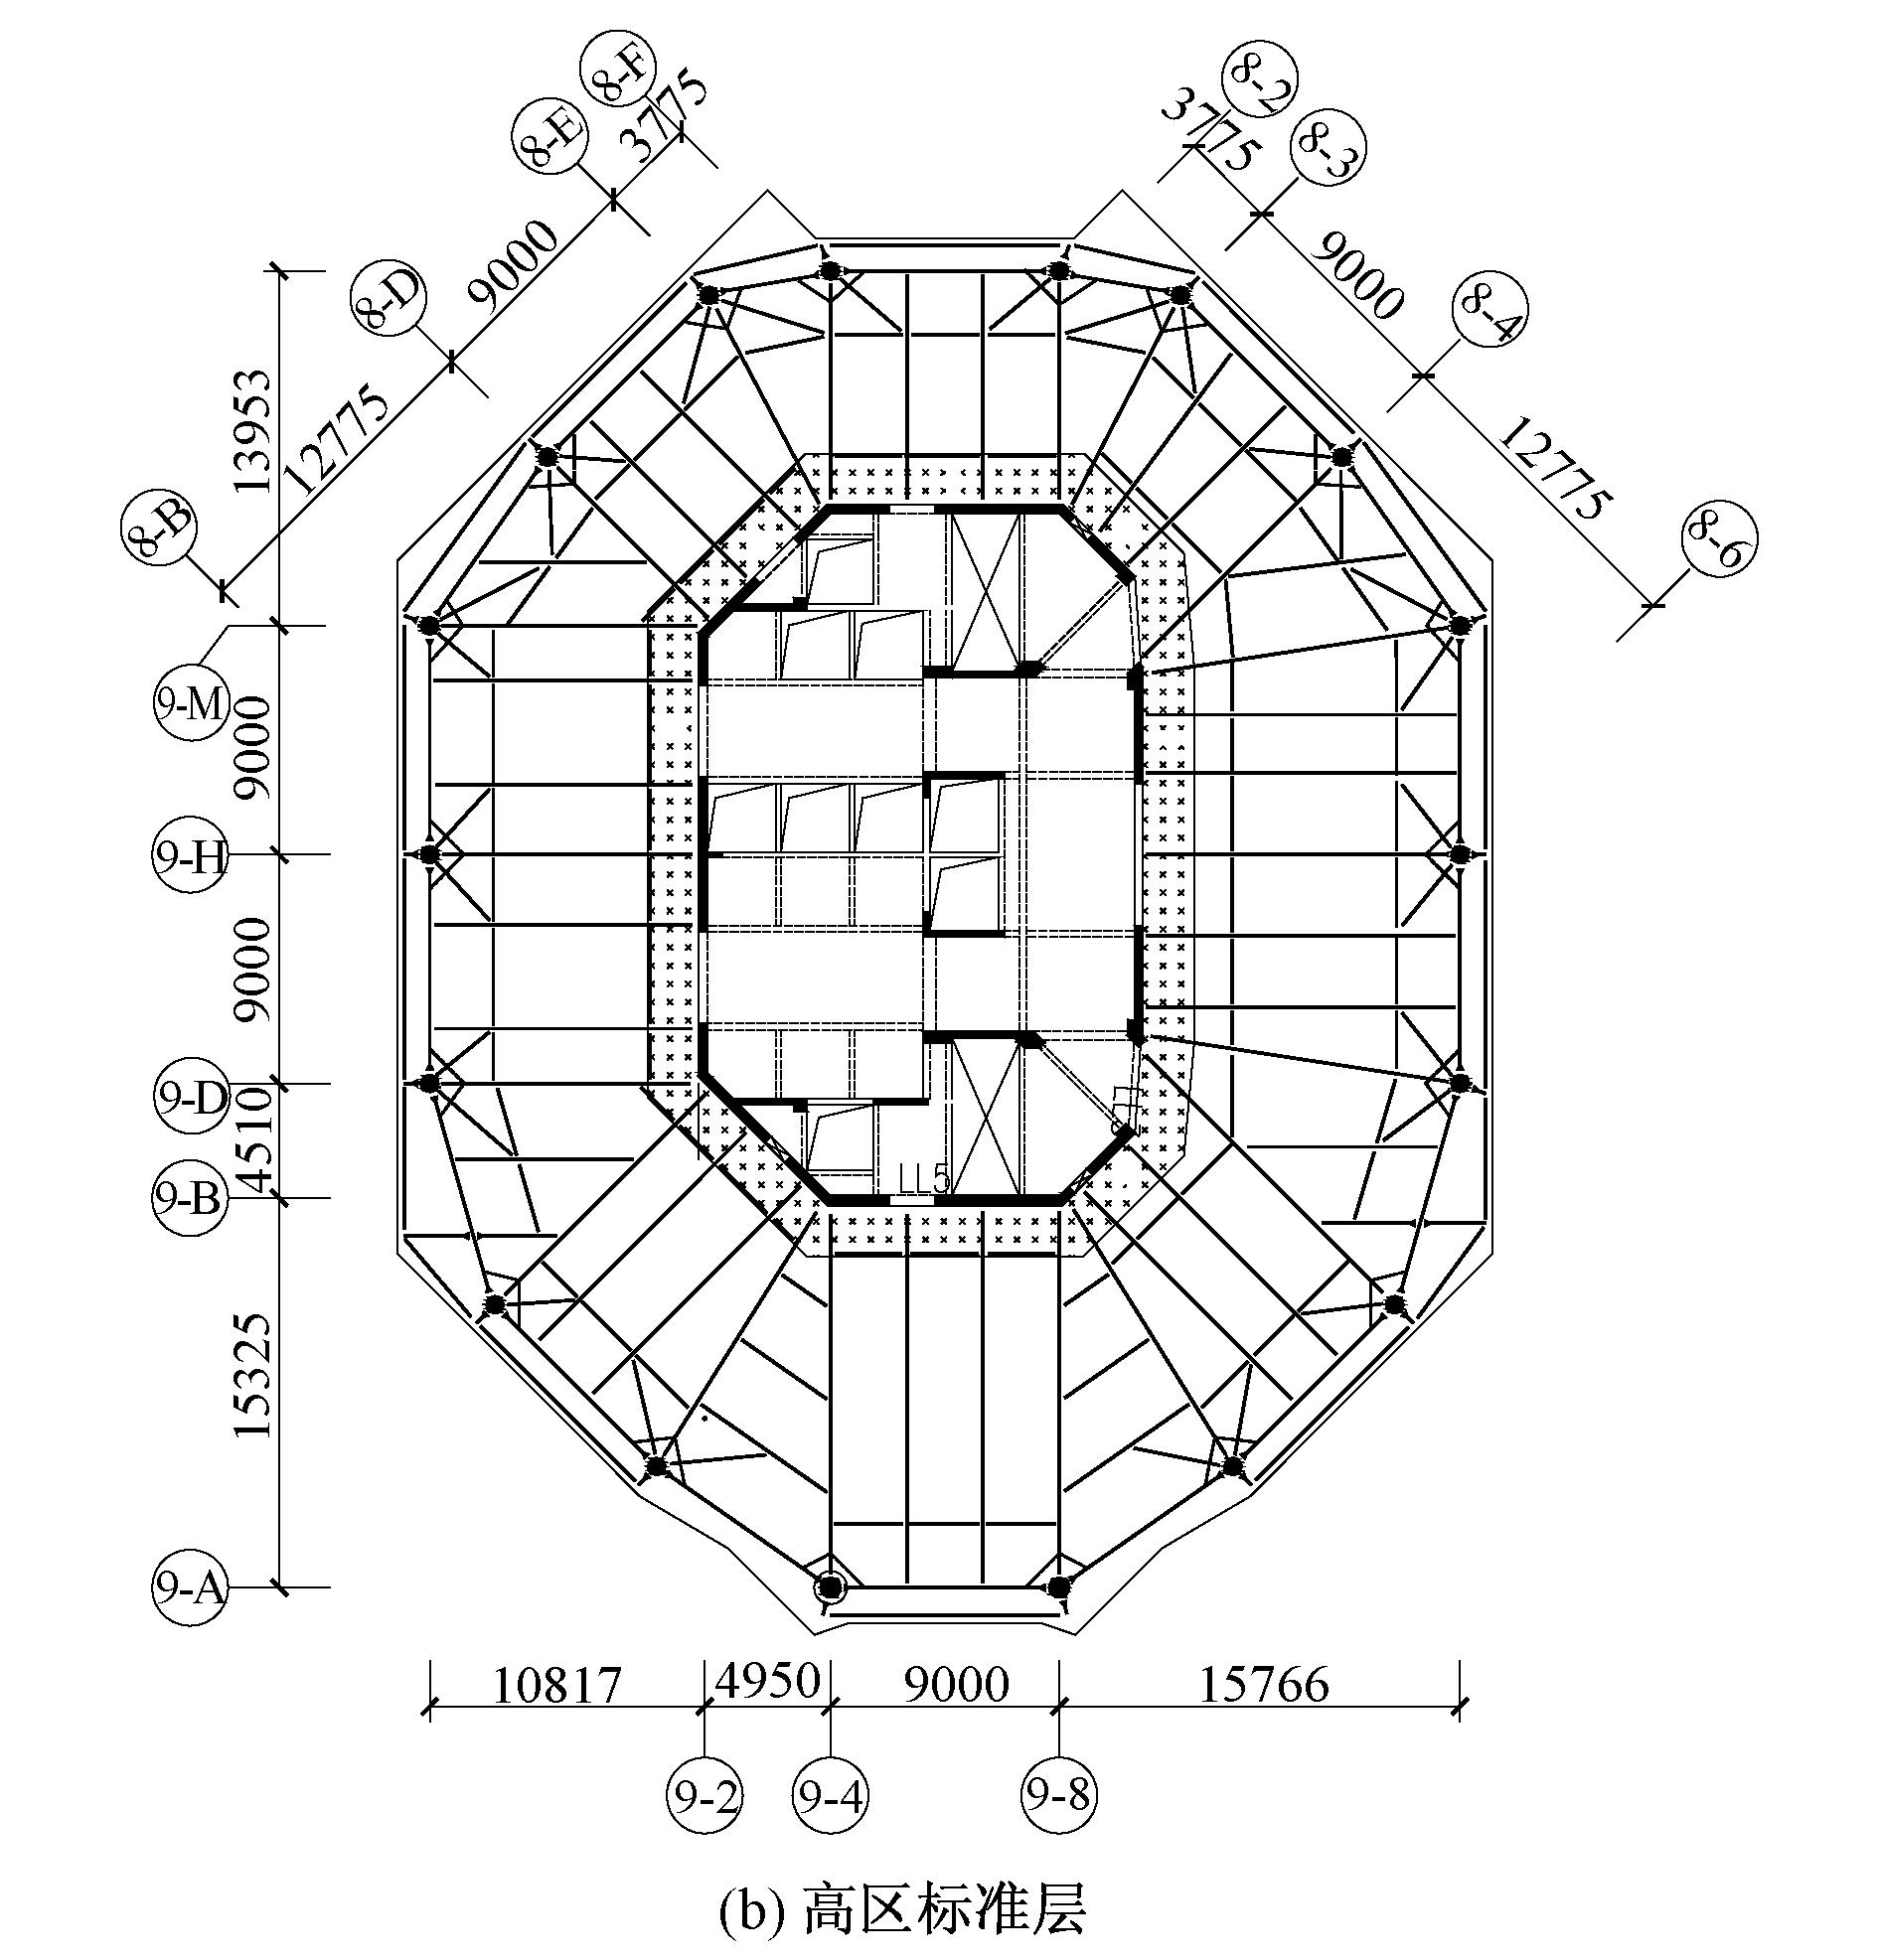 塔楼屋顶幕墙结构采用钢框架+支撑结构